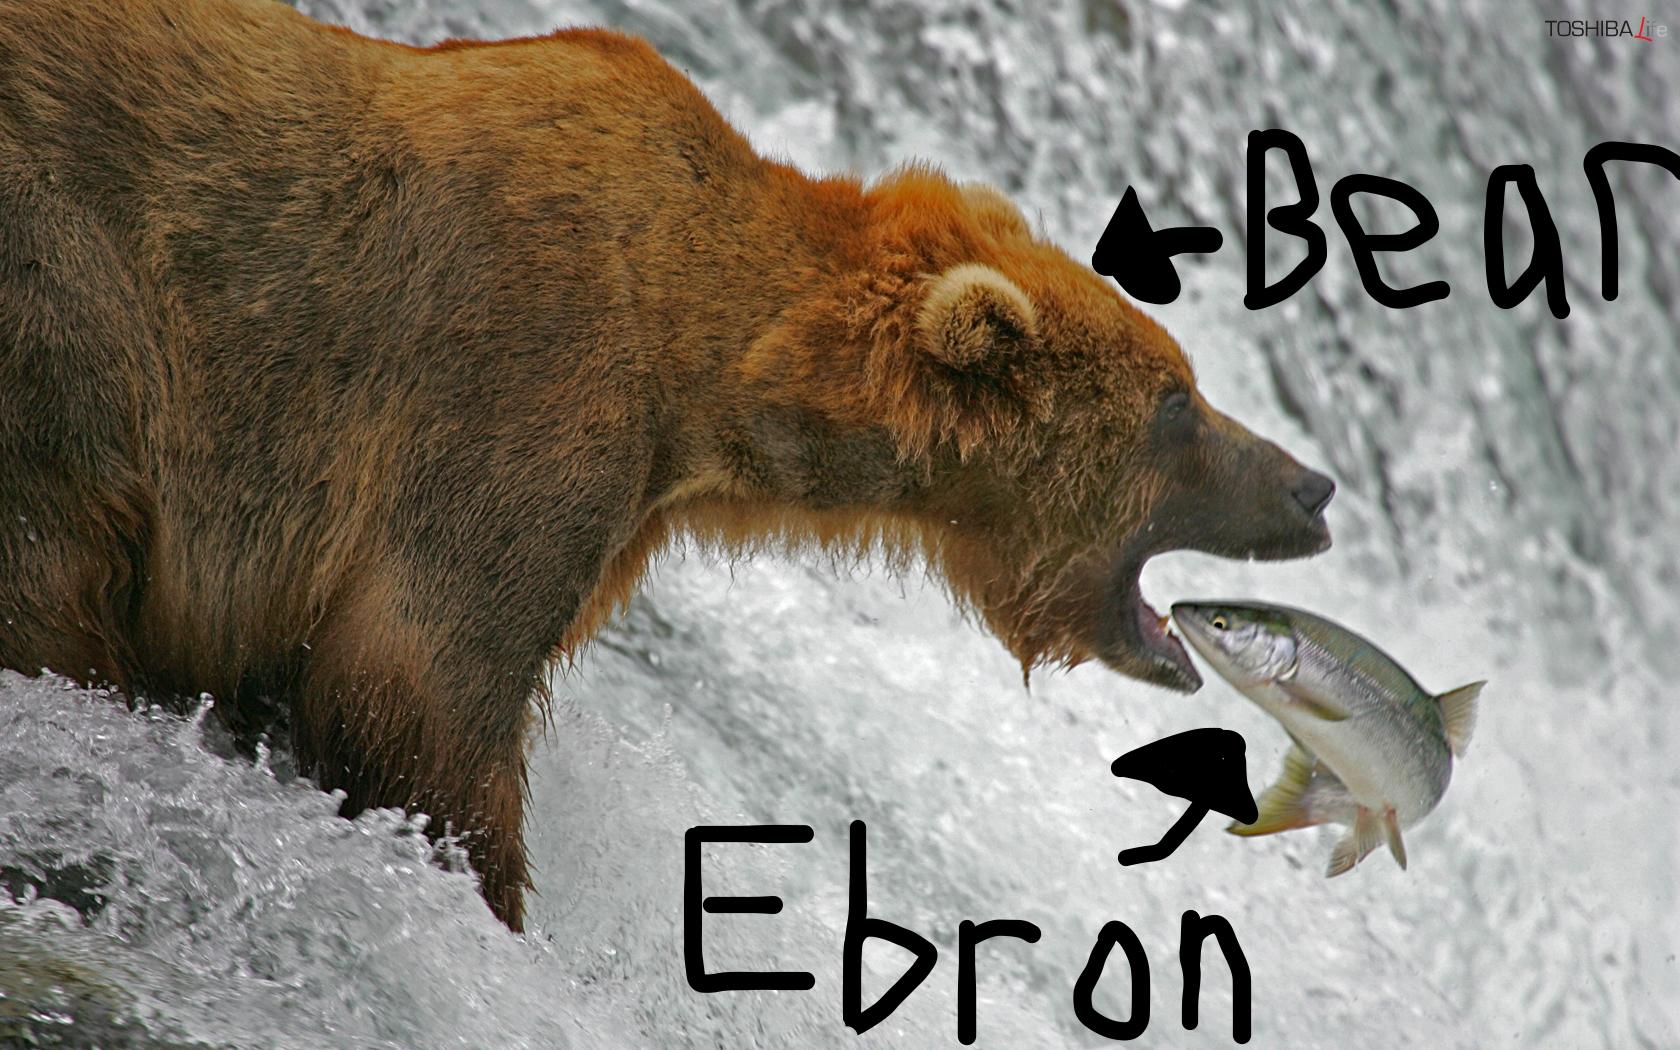 Bear eats Eric Ebron